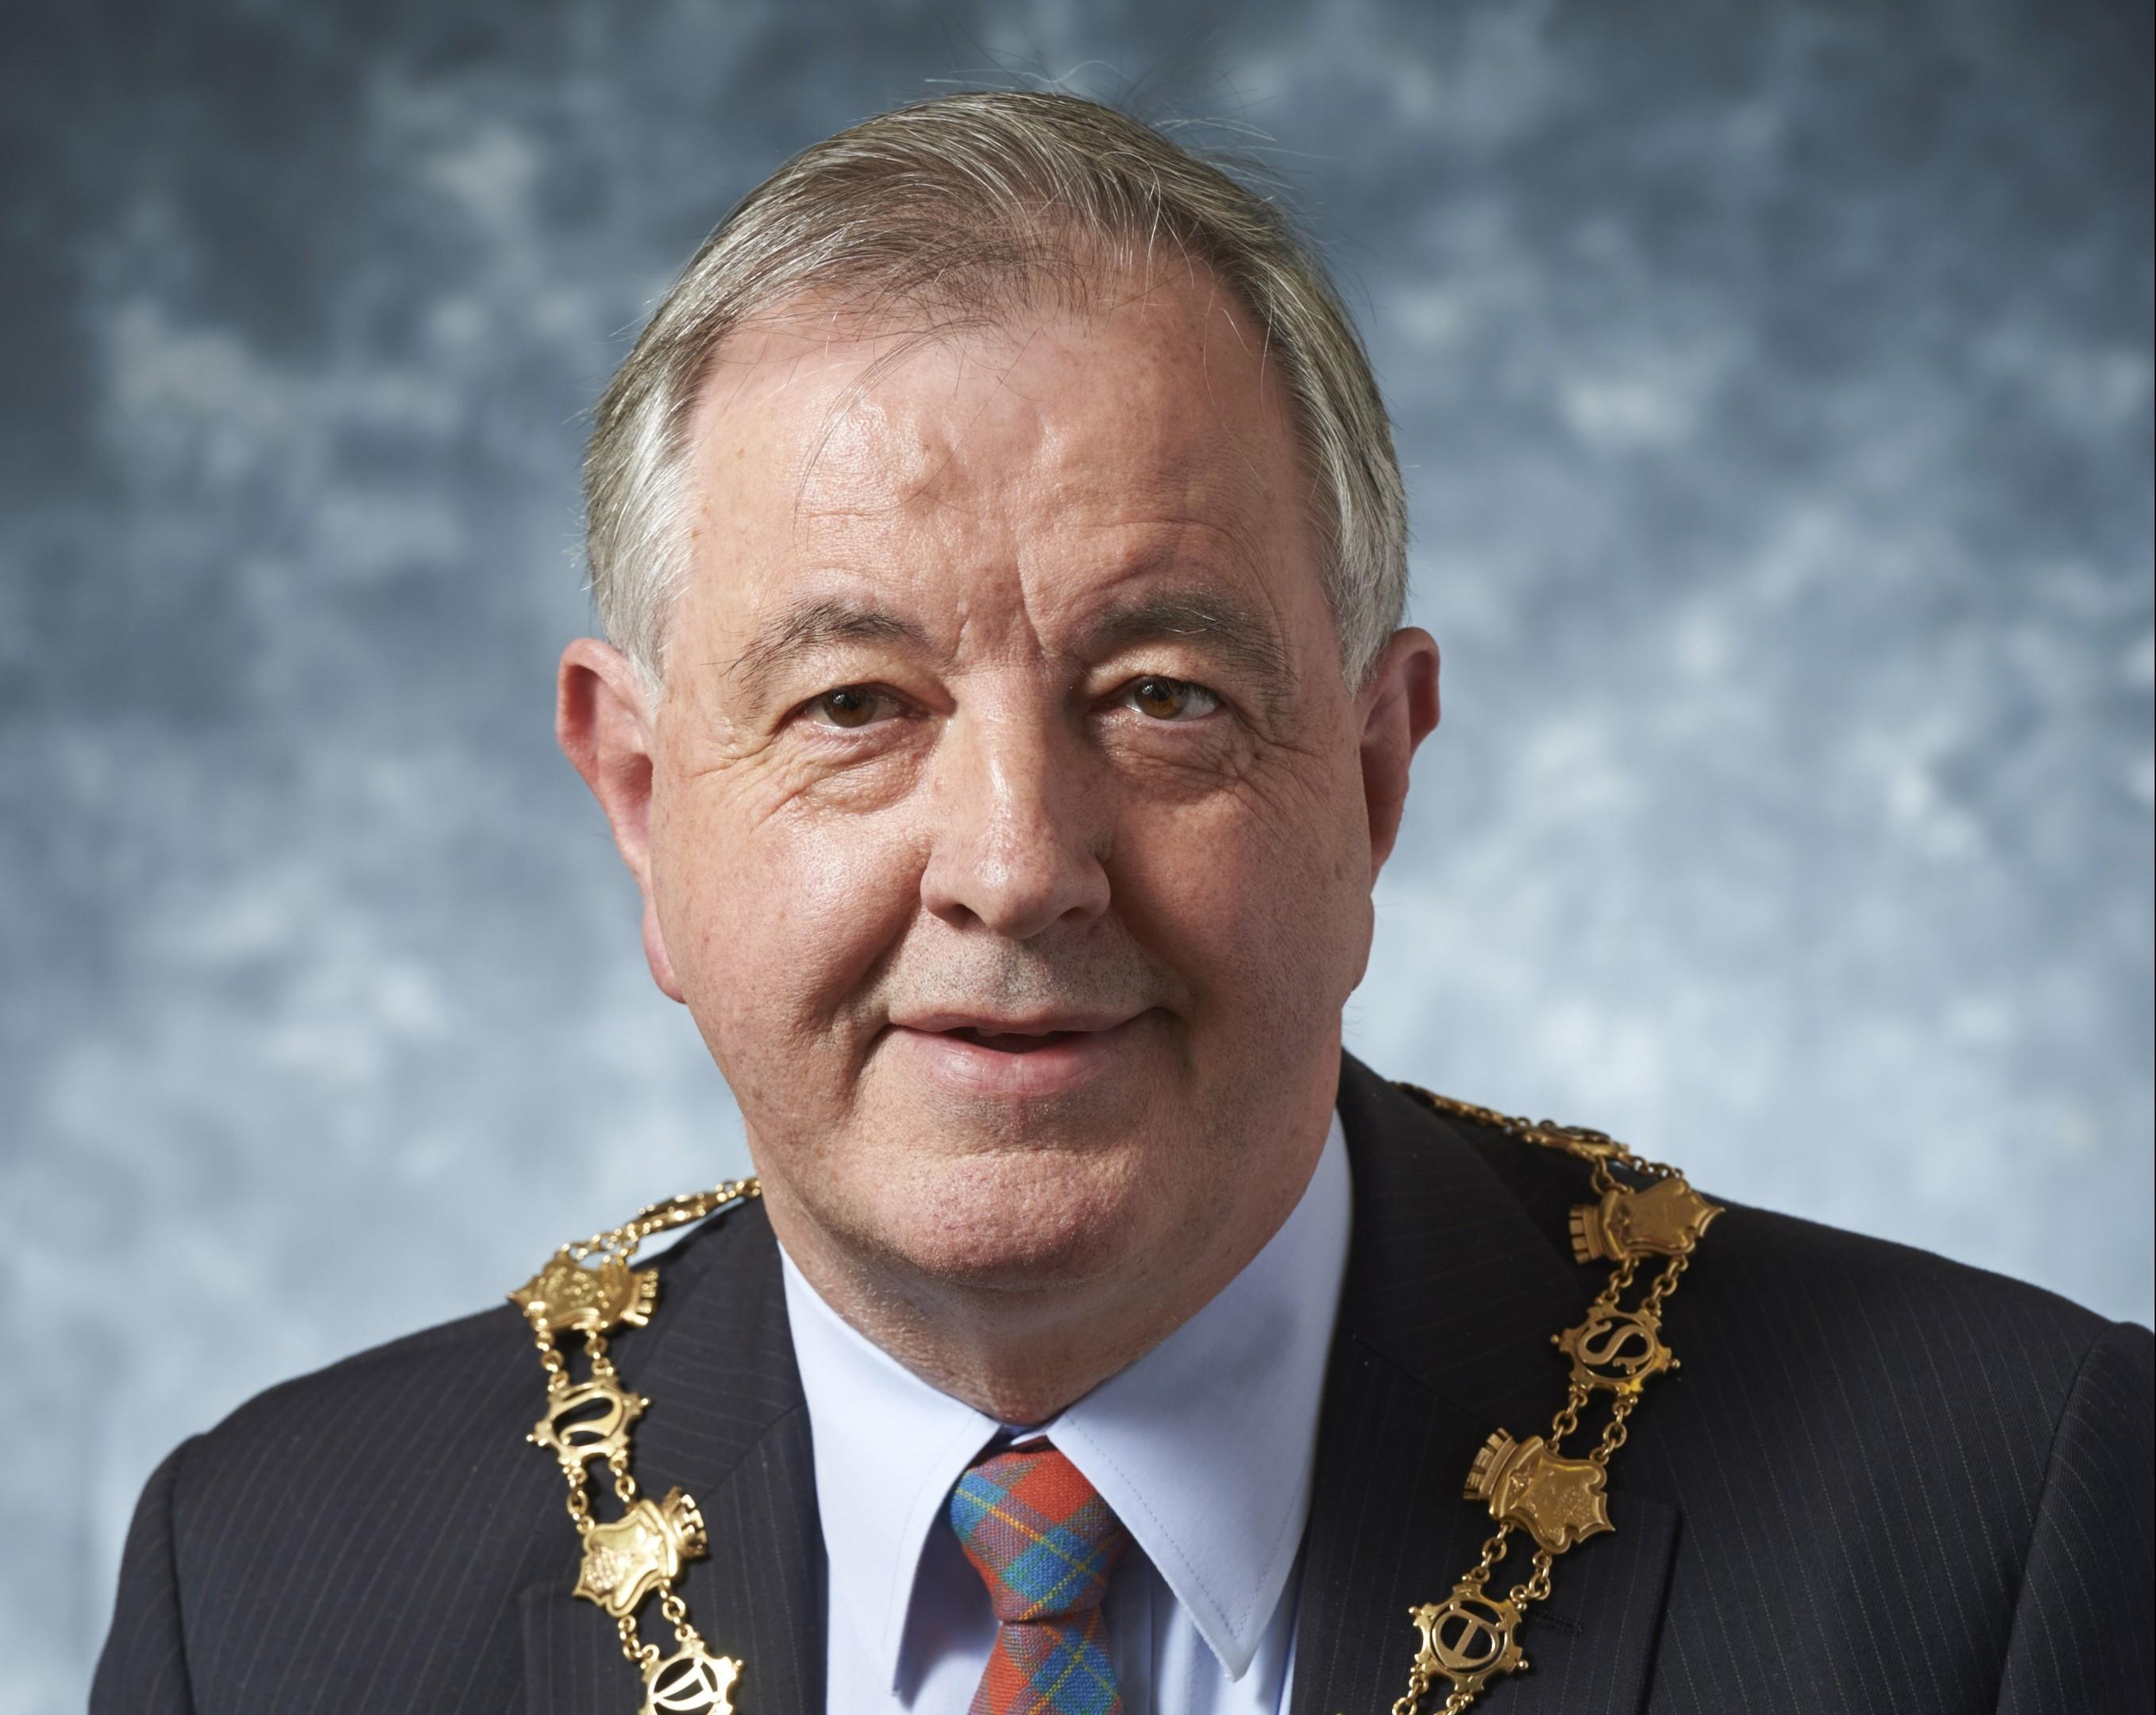 Inverness councillor Alex Graham